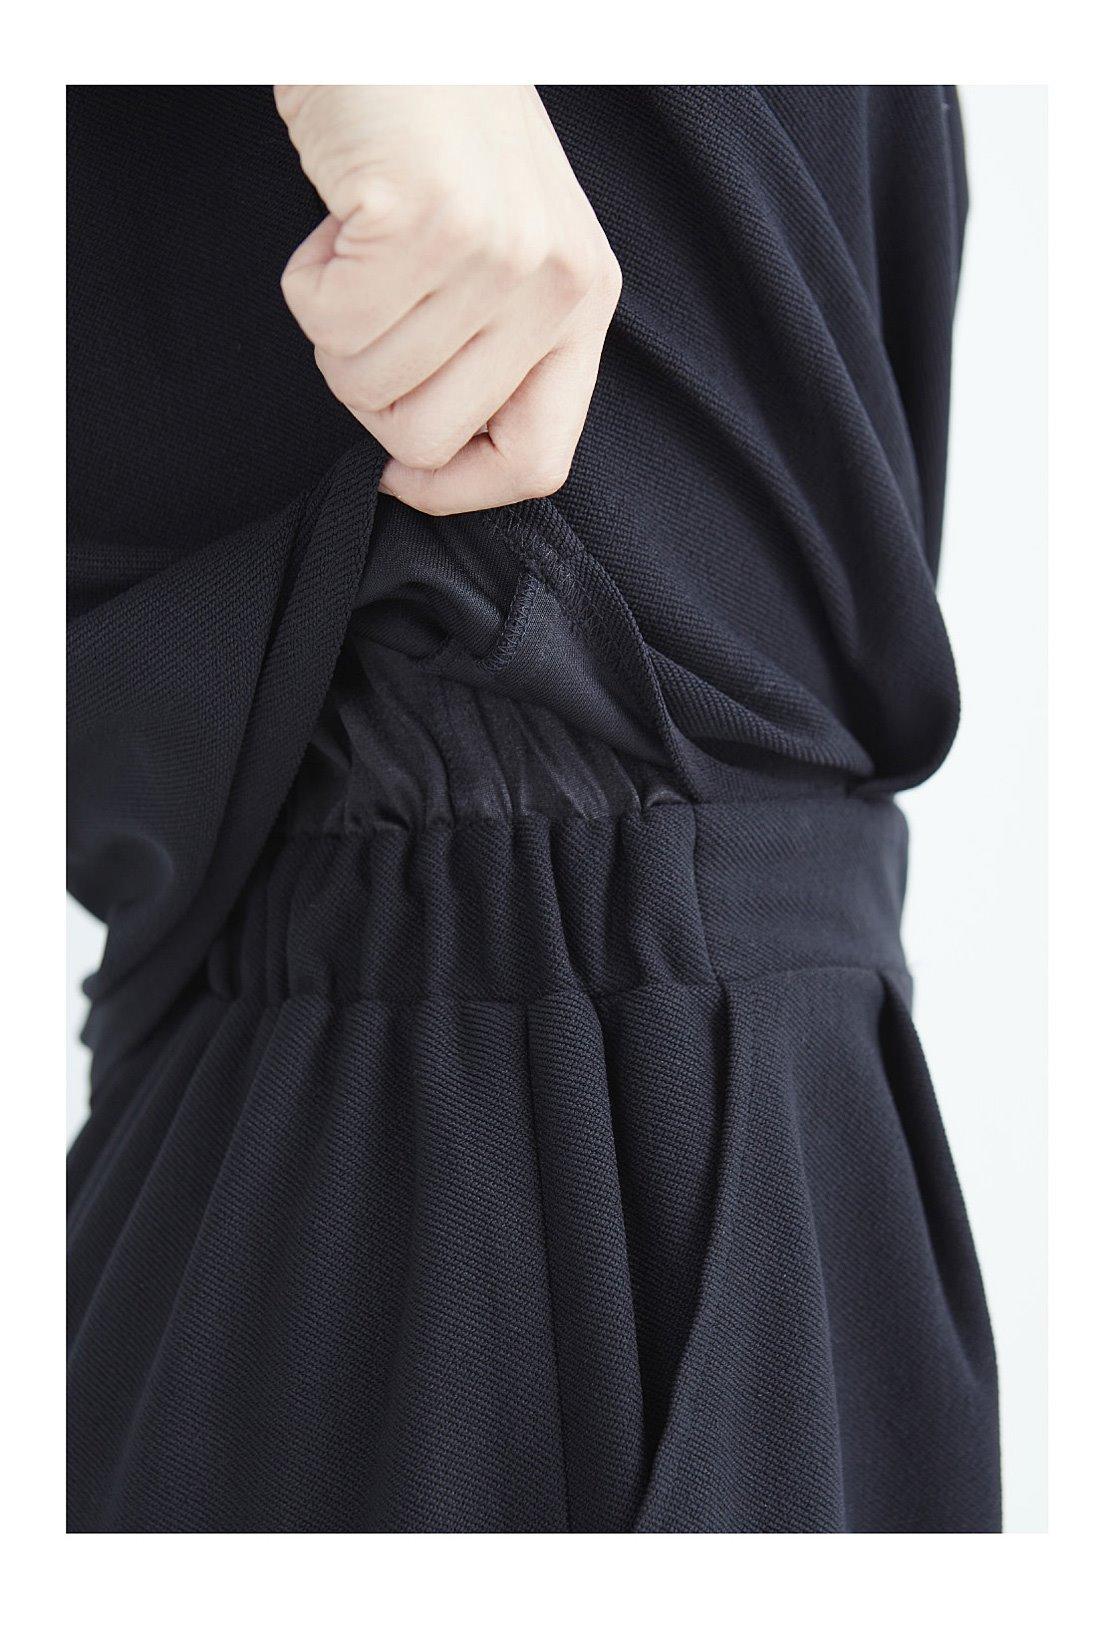 身ごろとパンツを伸びやかで肌ざわりのよいトリコット素材の裏地でドッキング。